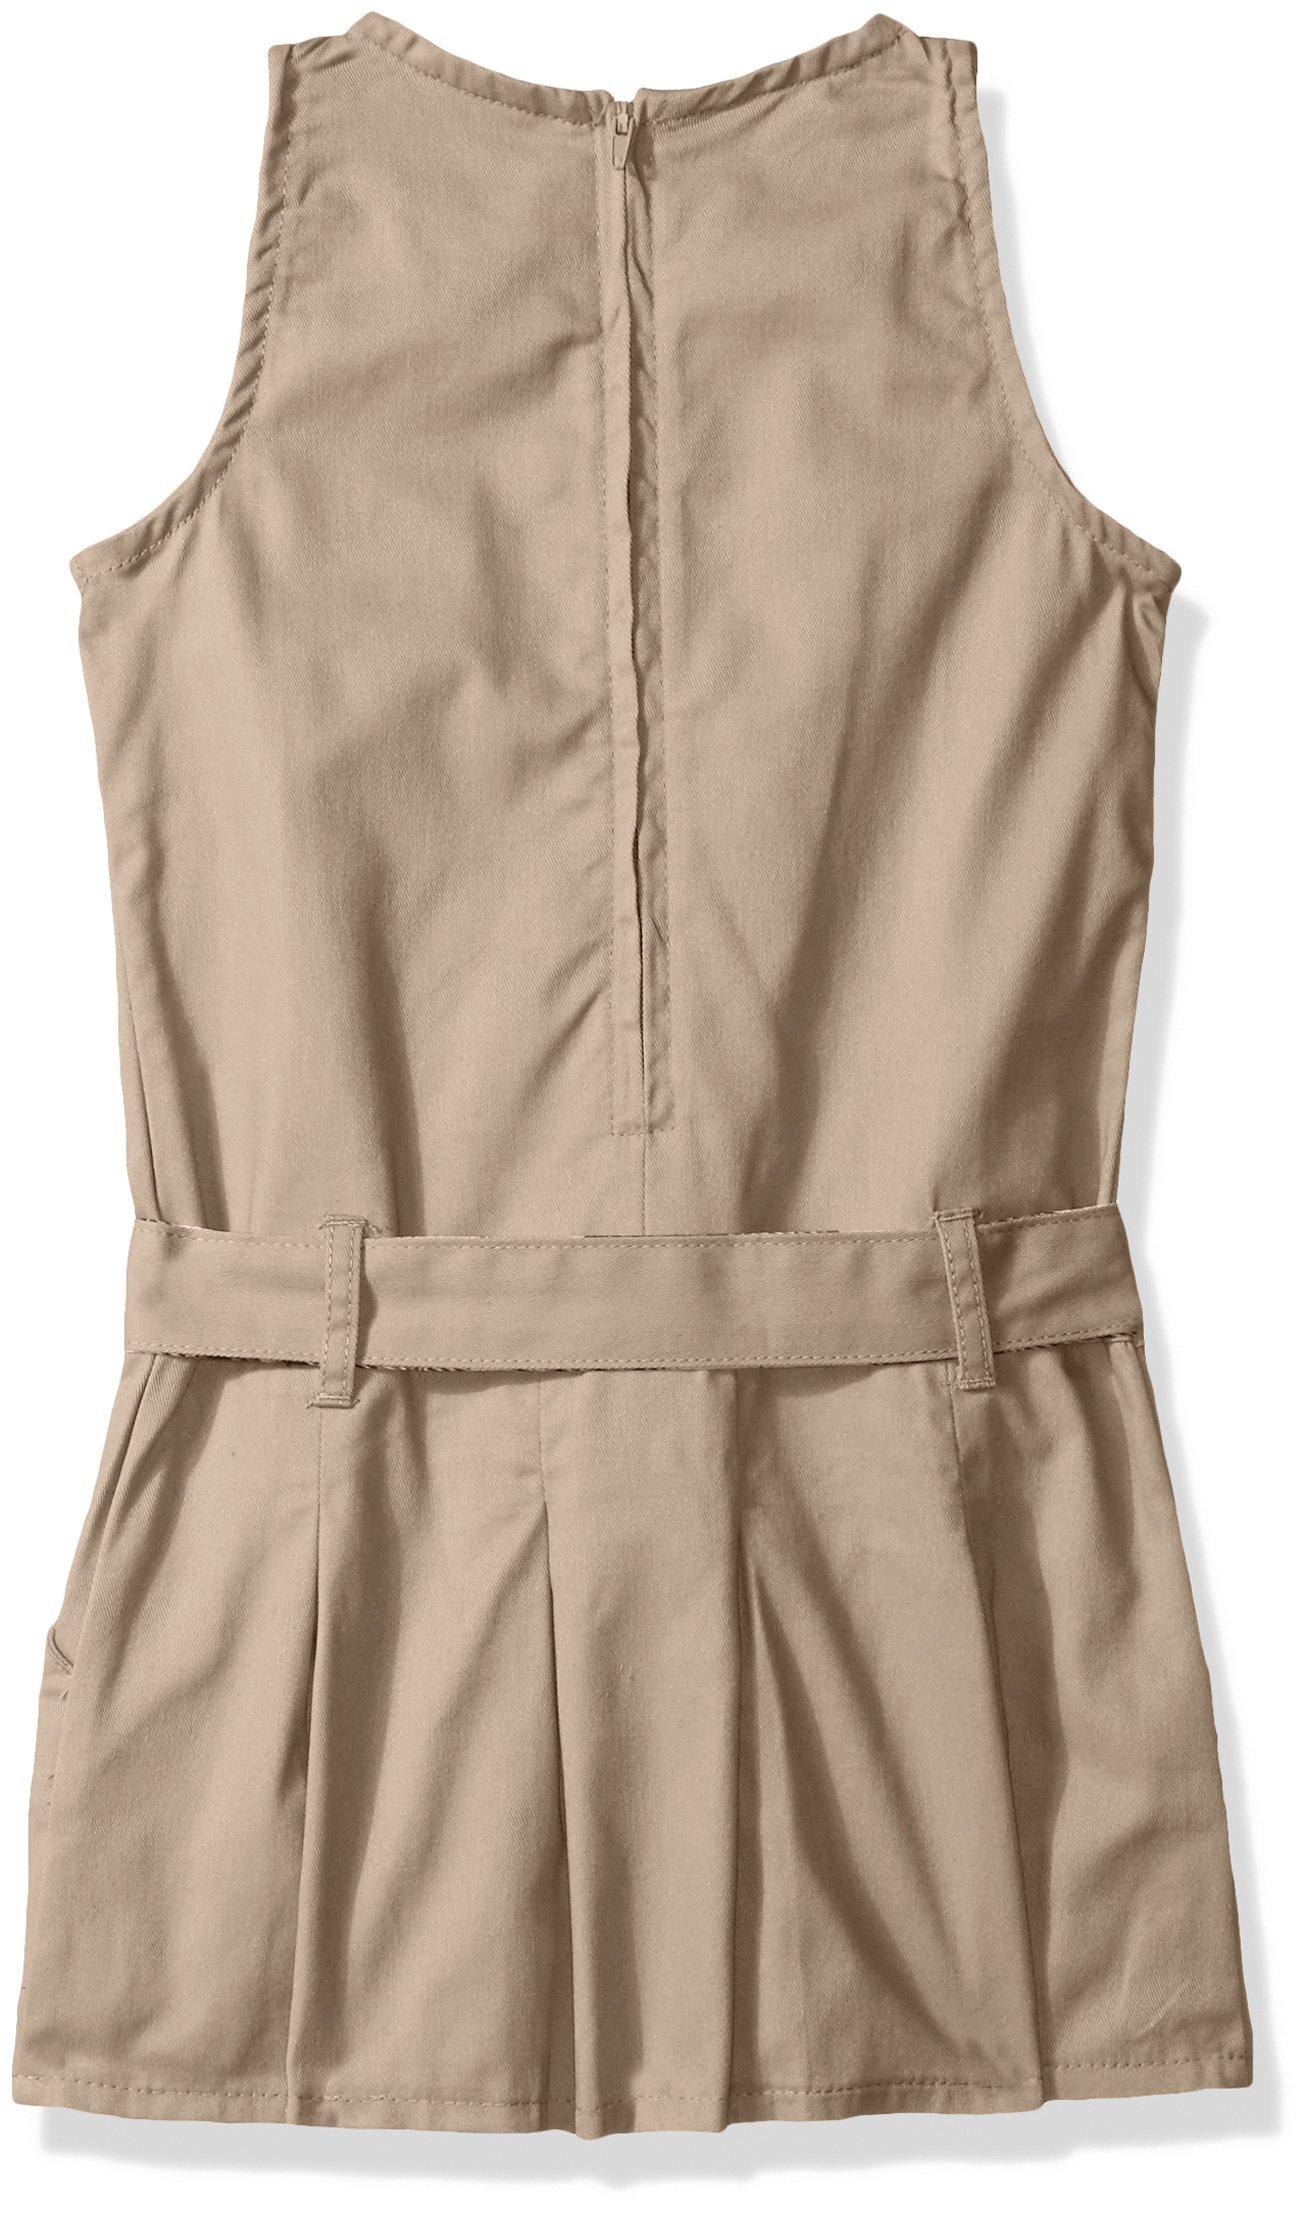 Eddie Bauer Girls' Dress Jumper (More Styles Available), Warm Khaki, 10 by Eddie Bauer (Image #2)